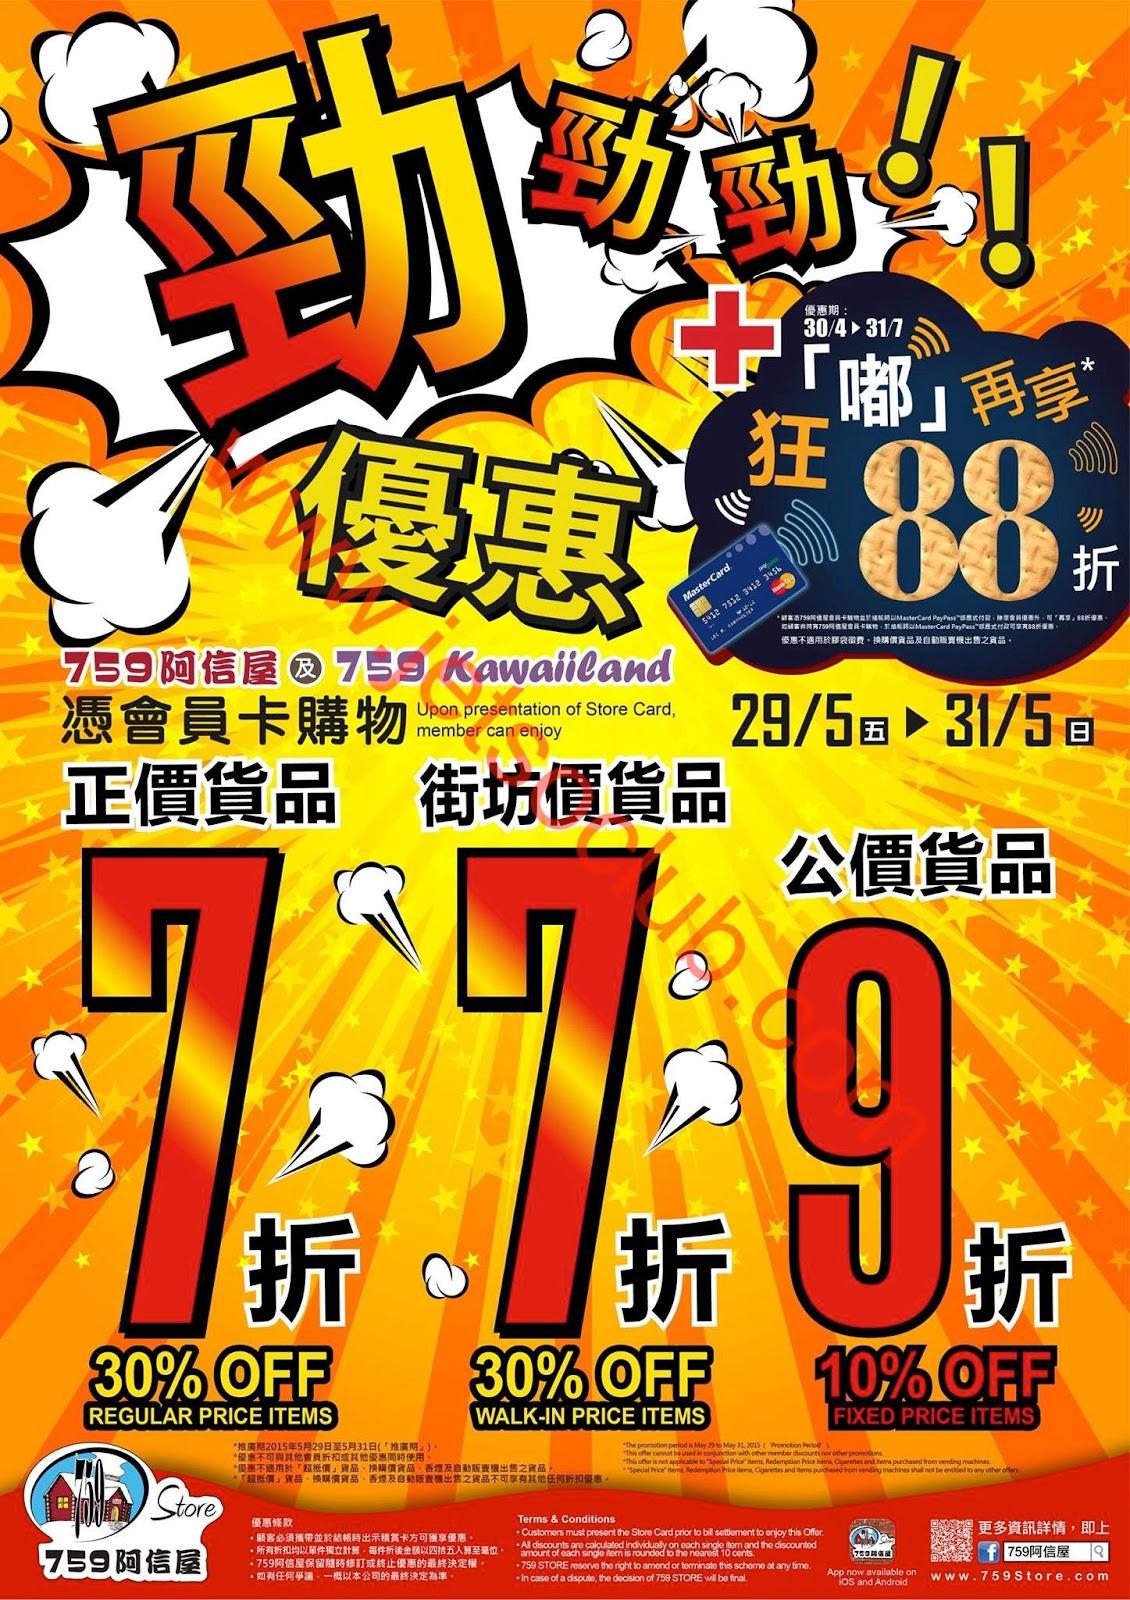 759 阿信屋 / 759 Kawaiiland:勁勁勁優惠 正價7折 街坊價7折 公價9折(29-31/5) ( Jetso Club 著數俱樂部 )